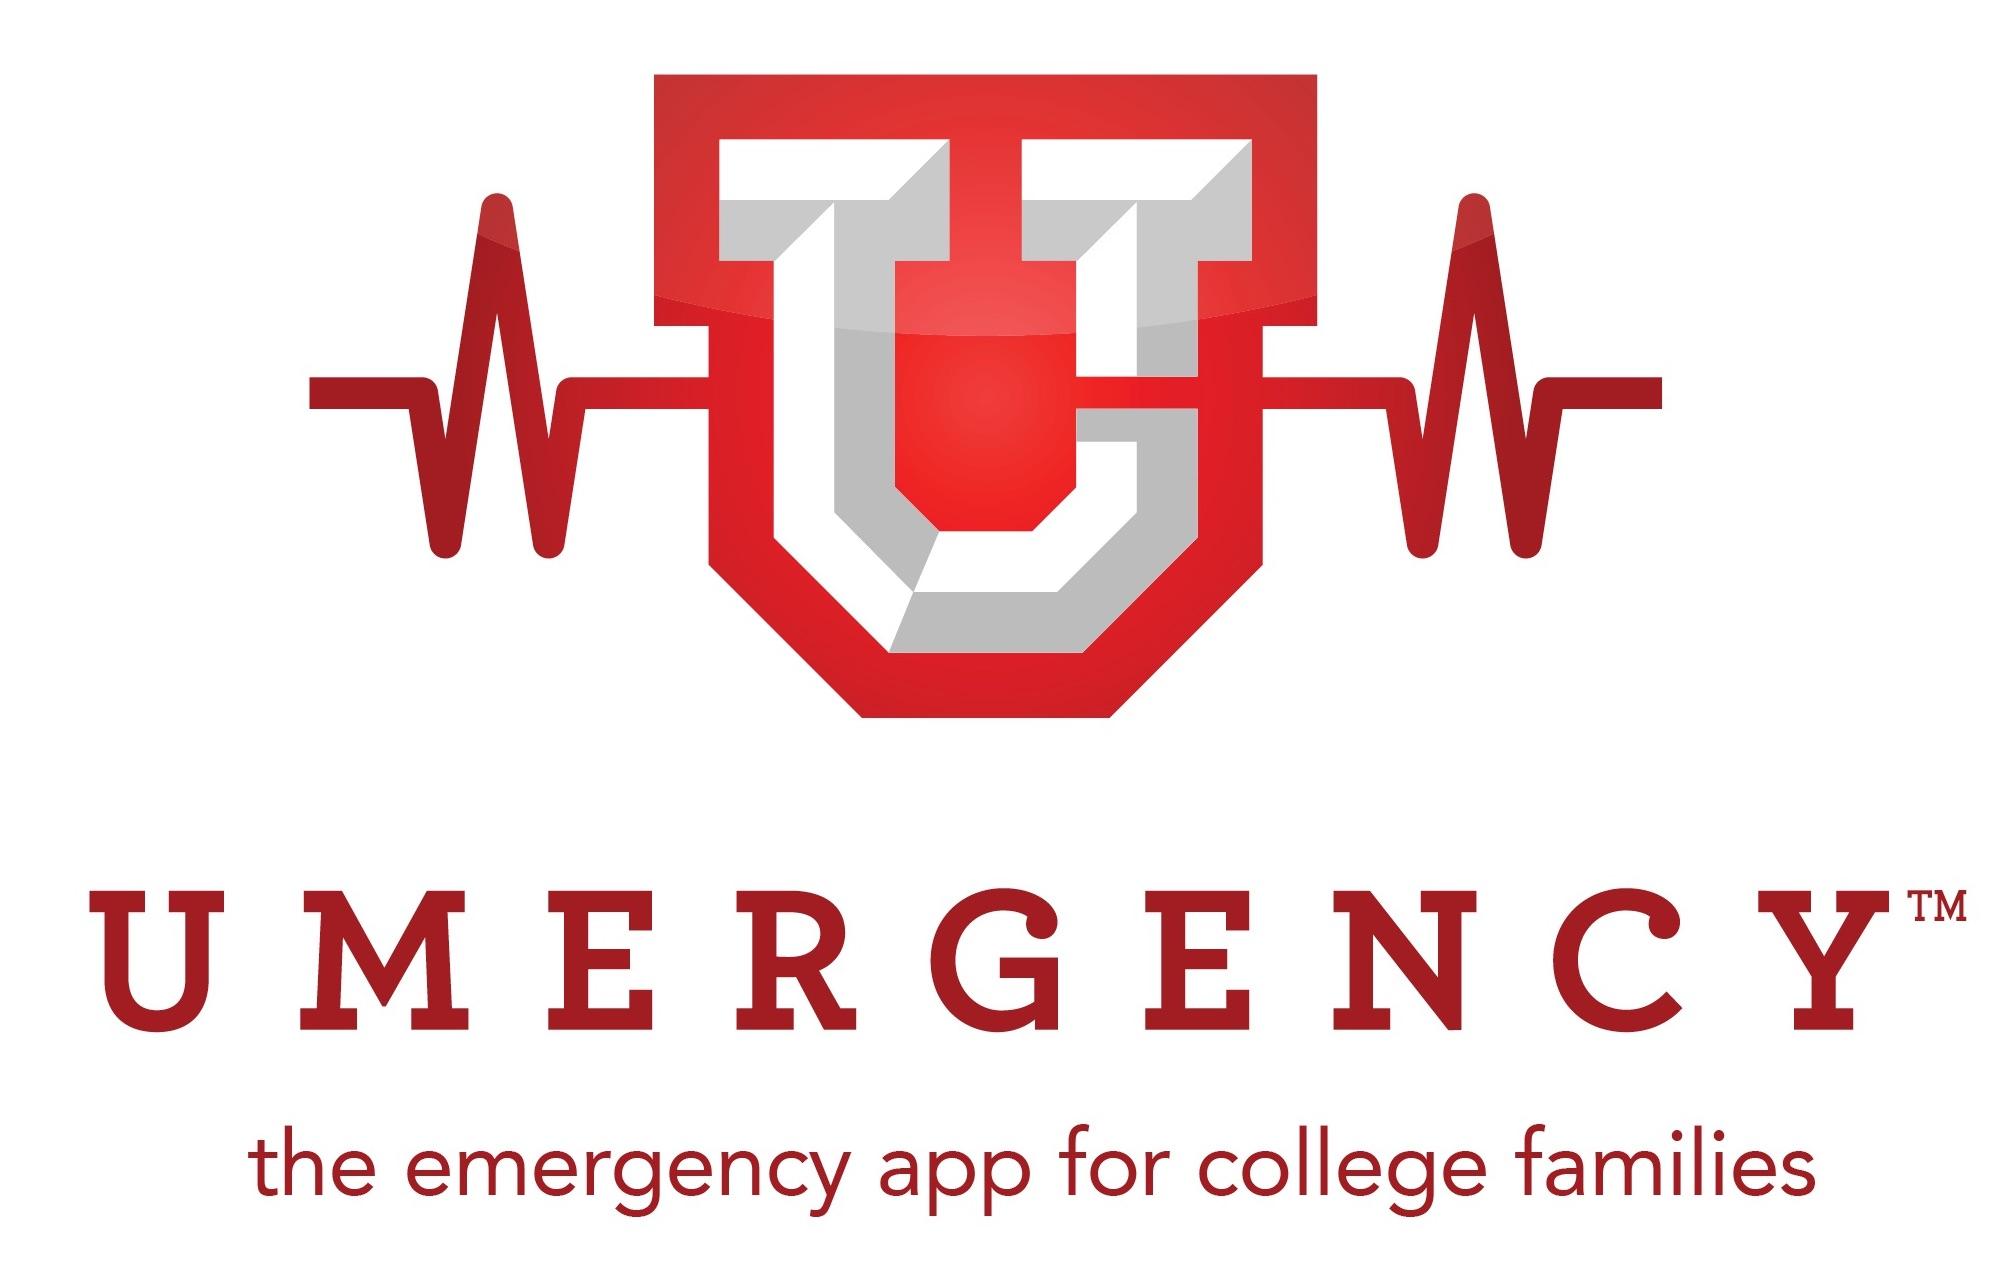 Umergency App